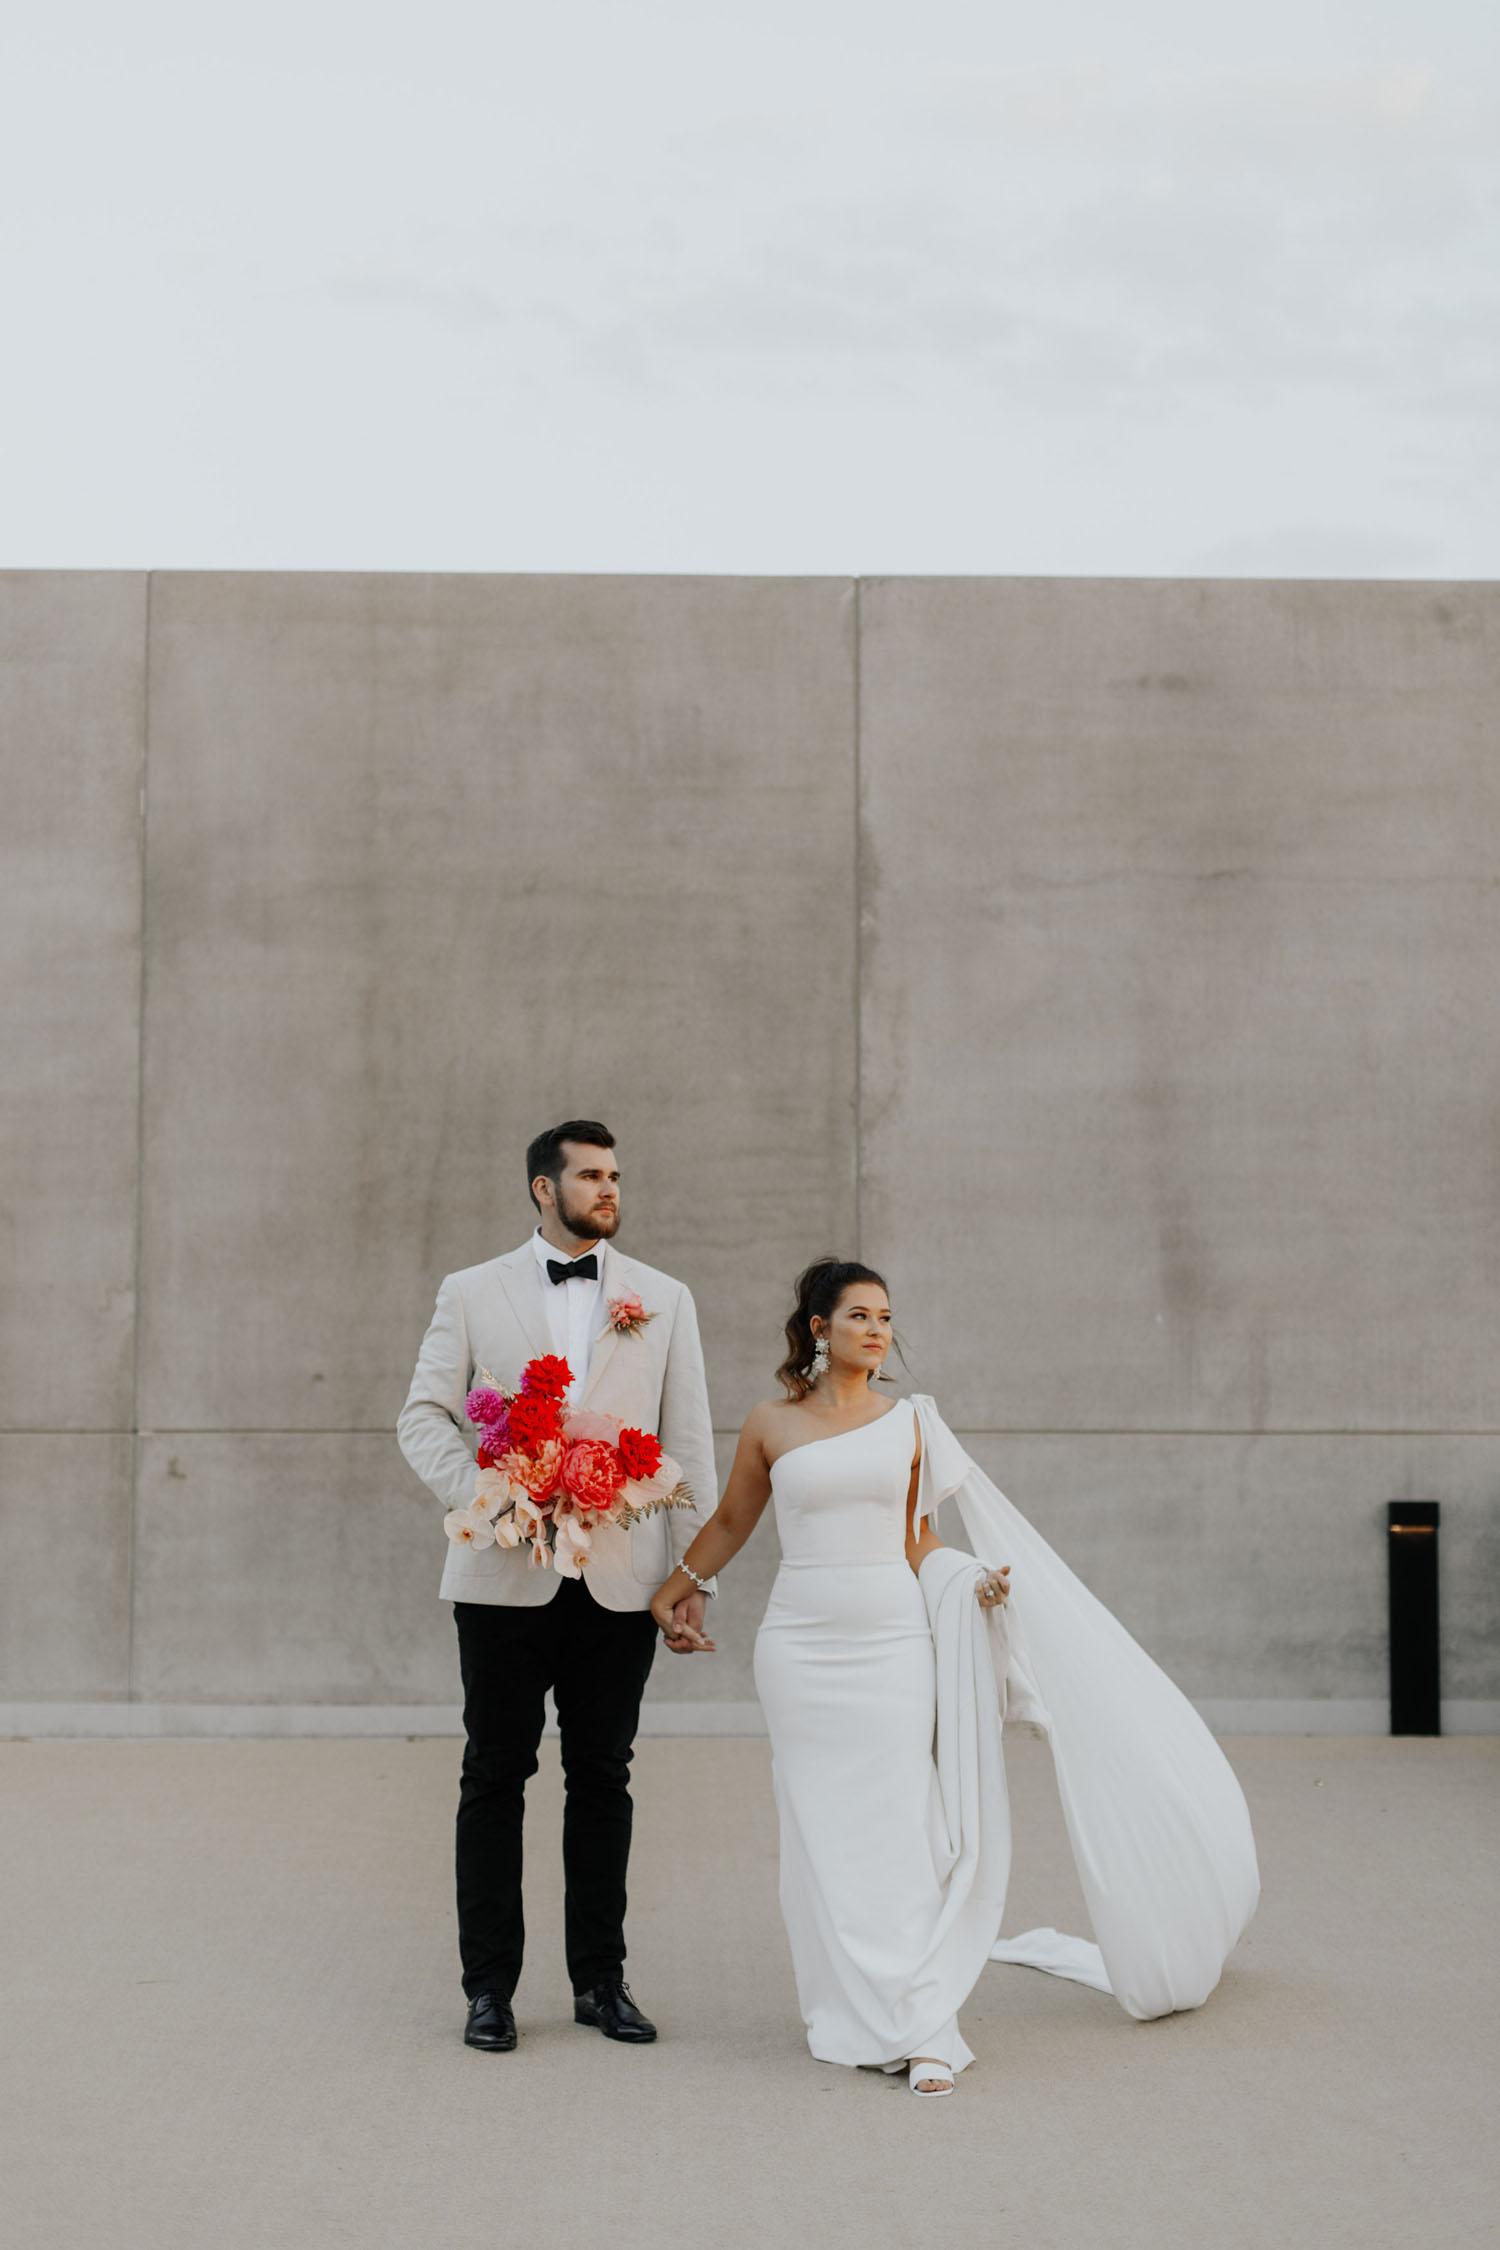 Vjenčanje moderne Australije